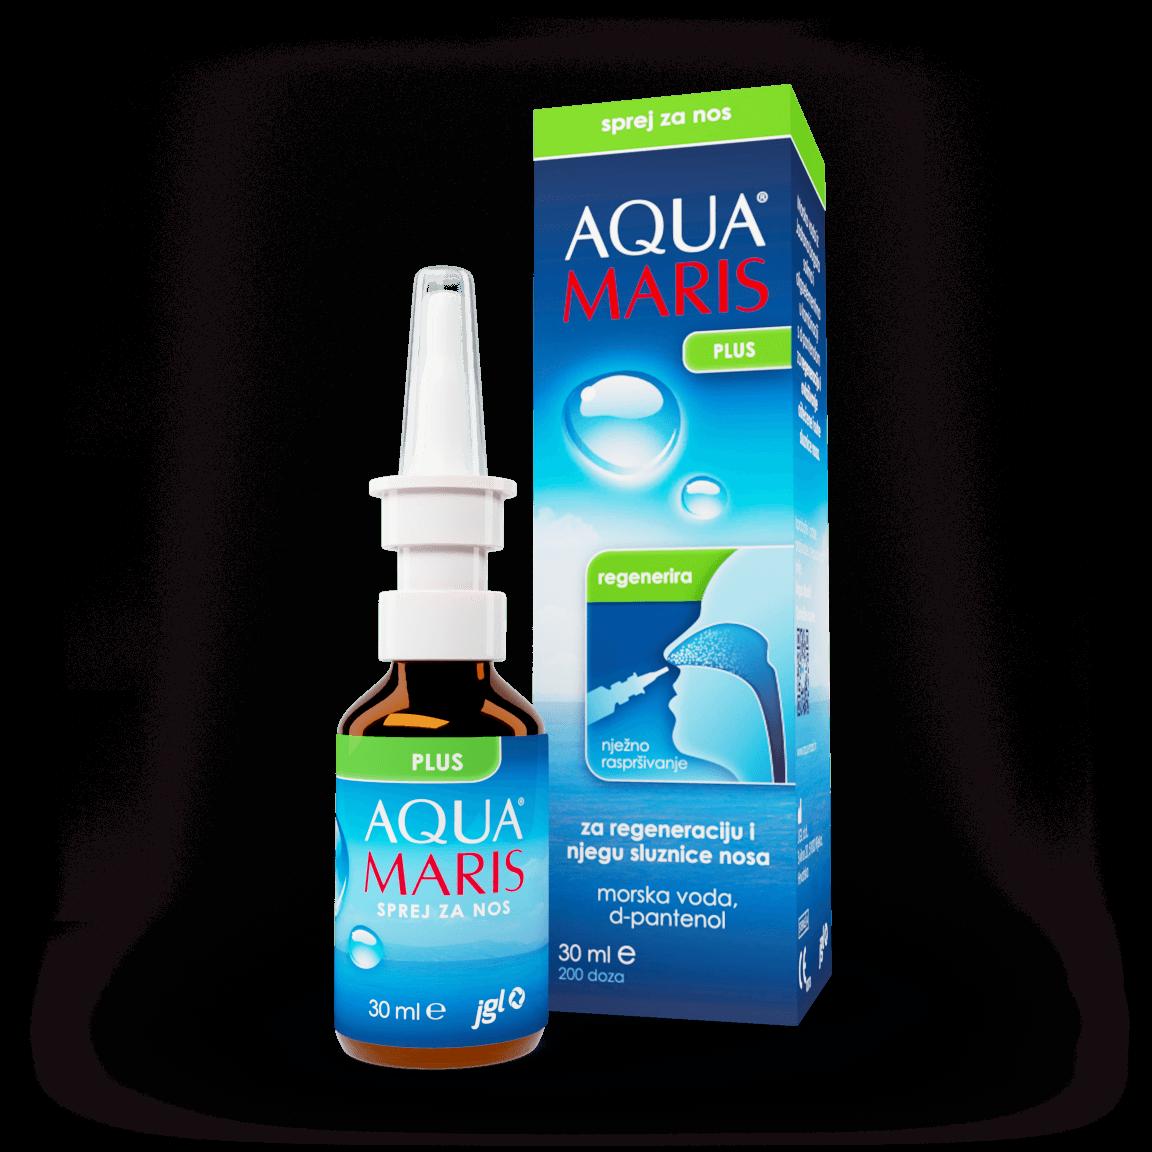 Aqua Maris Plus